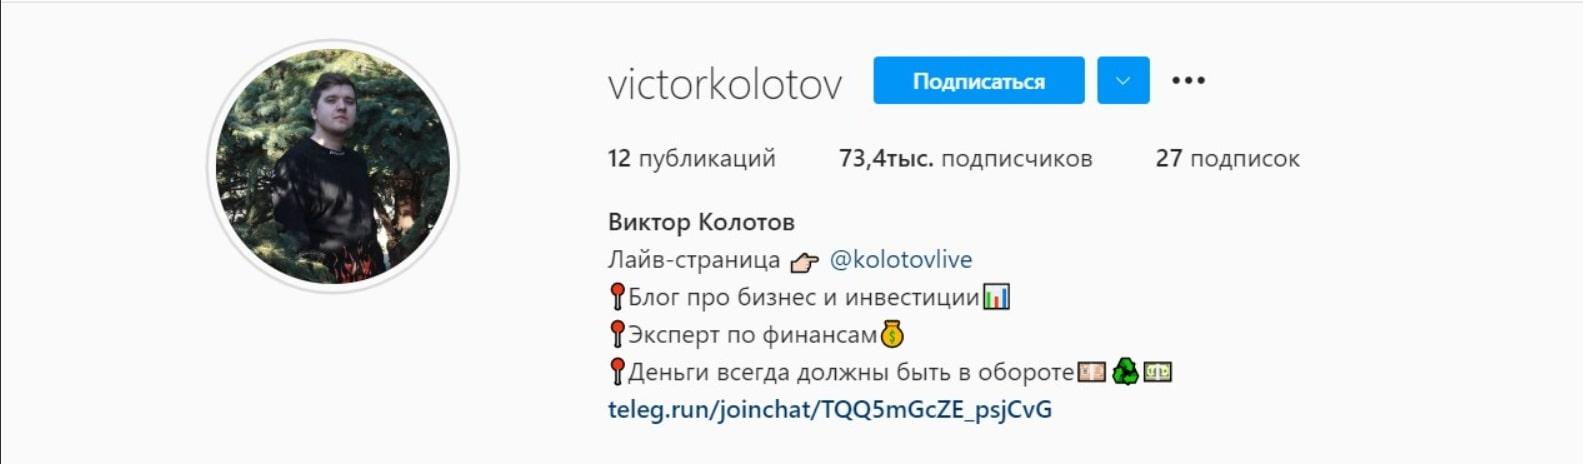 Виктор Колотов каппер в Инстаграм